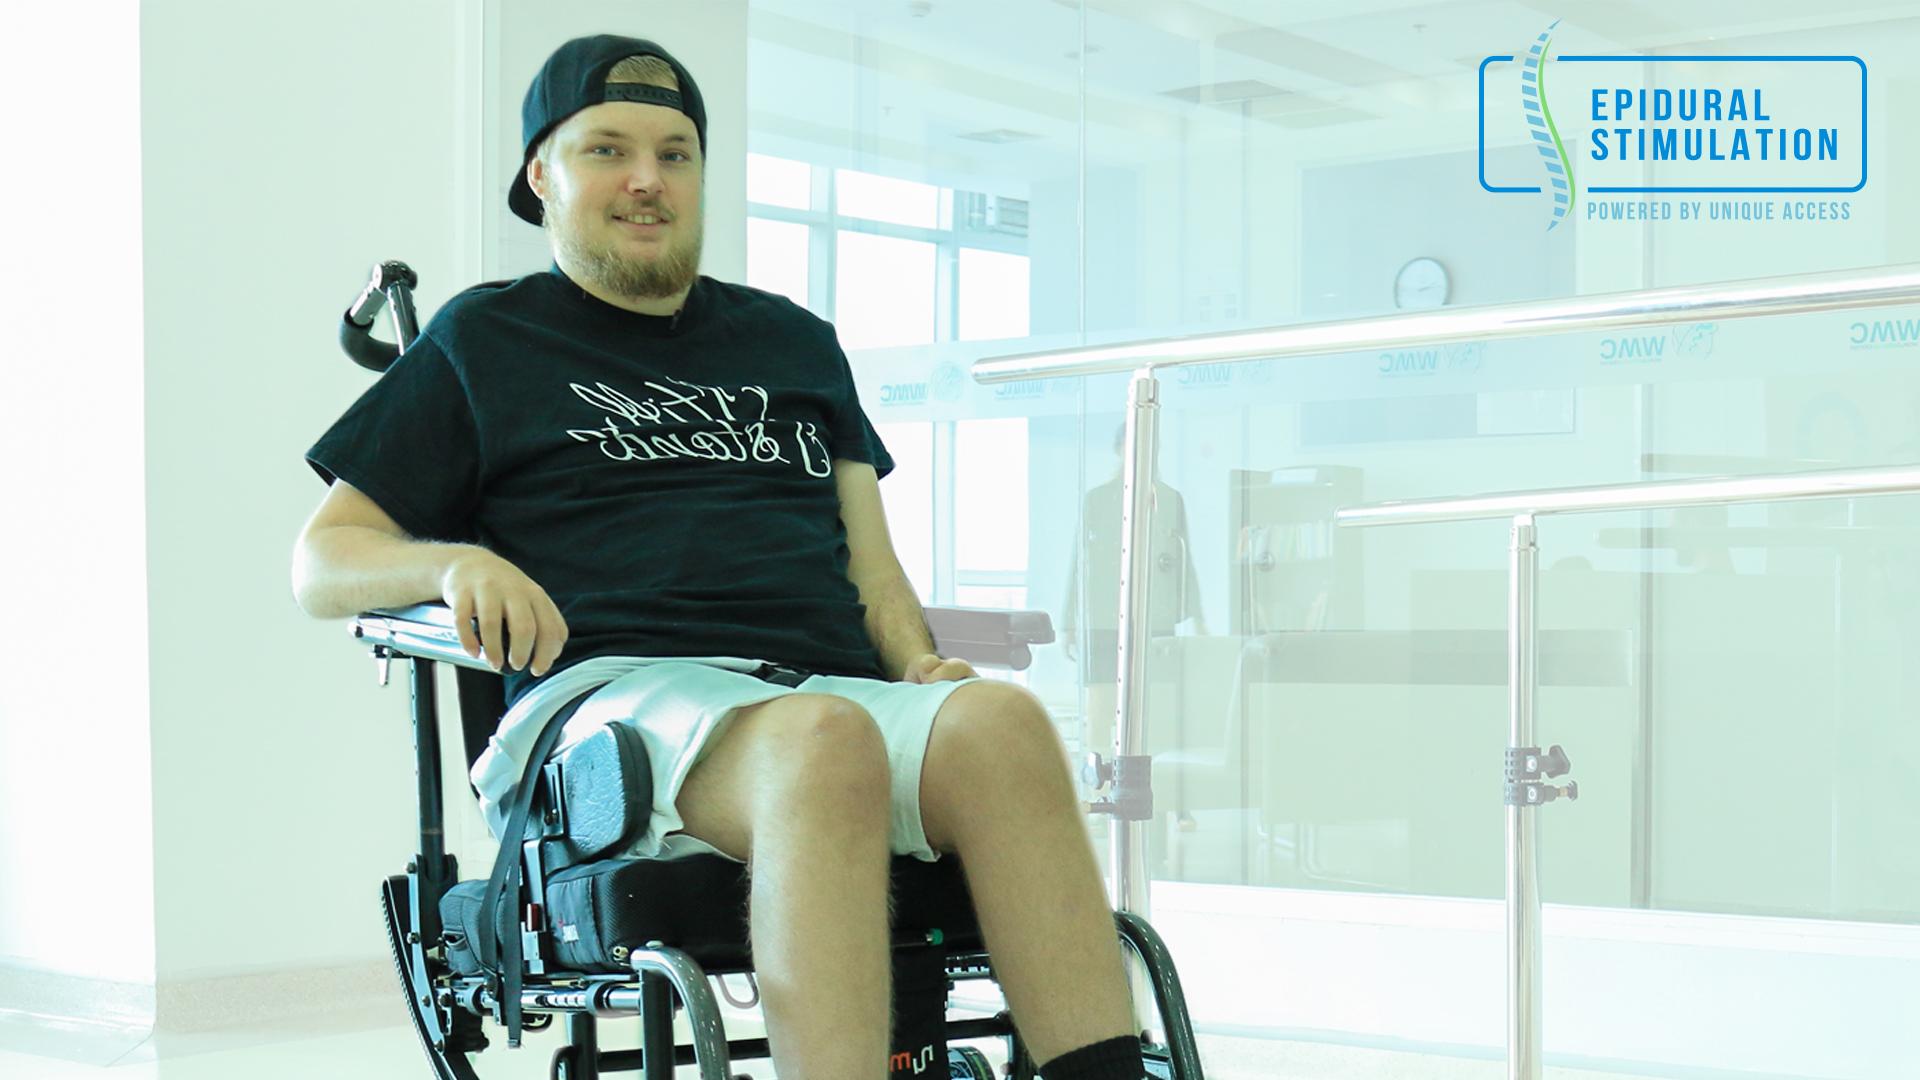 Payton Smith, C4 Spinal Cord Injury